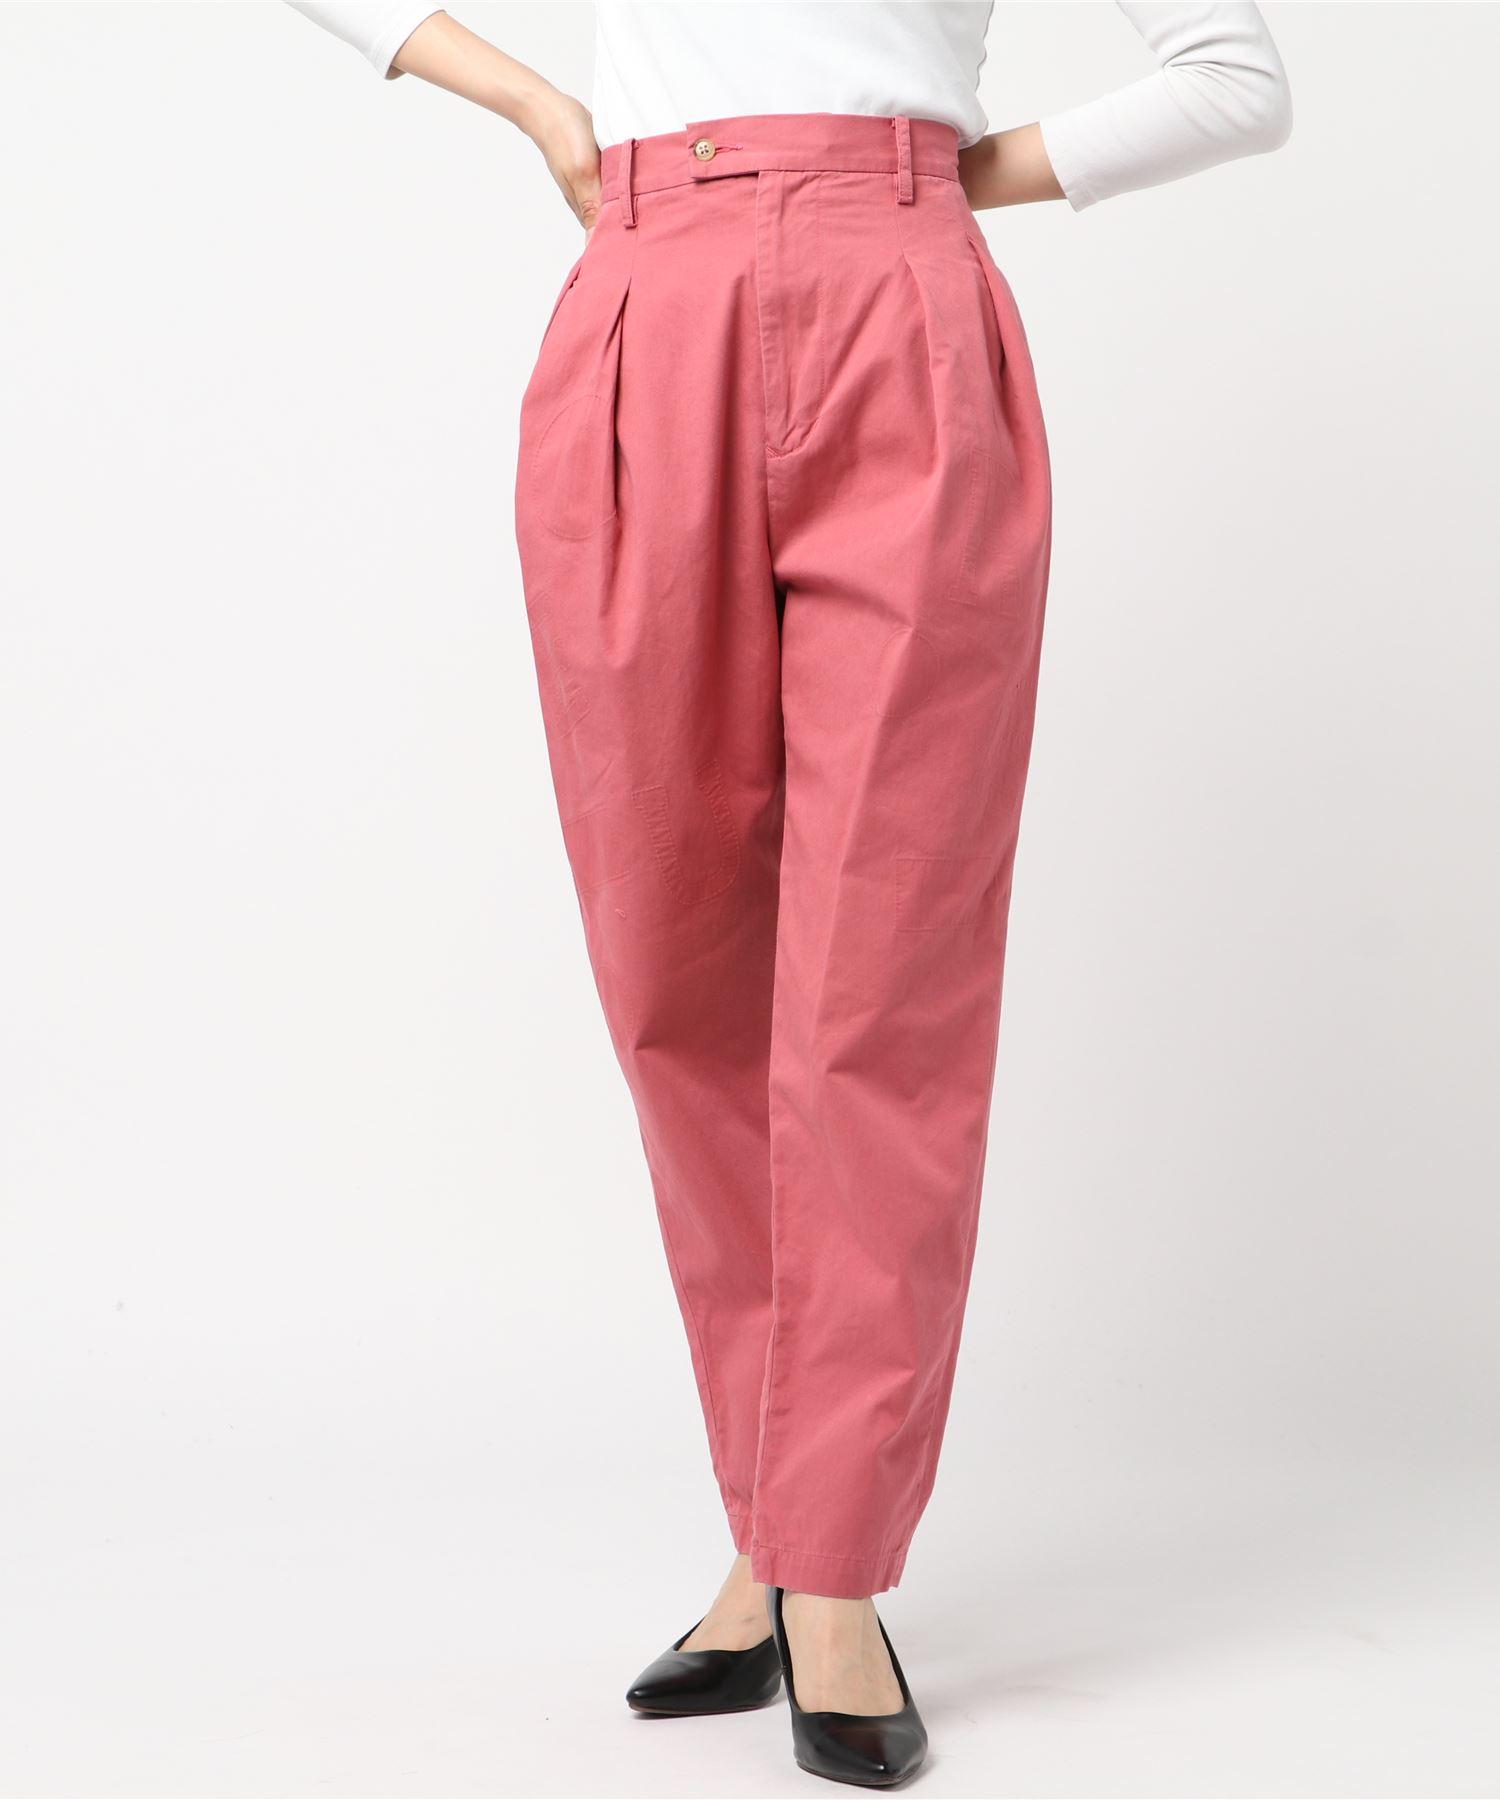 メゾンエウレカ MAISON EUREKA / スラックス Burberry Cloth Tuck Pants